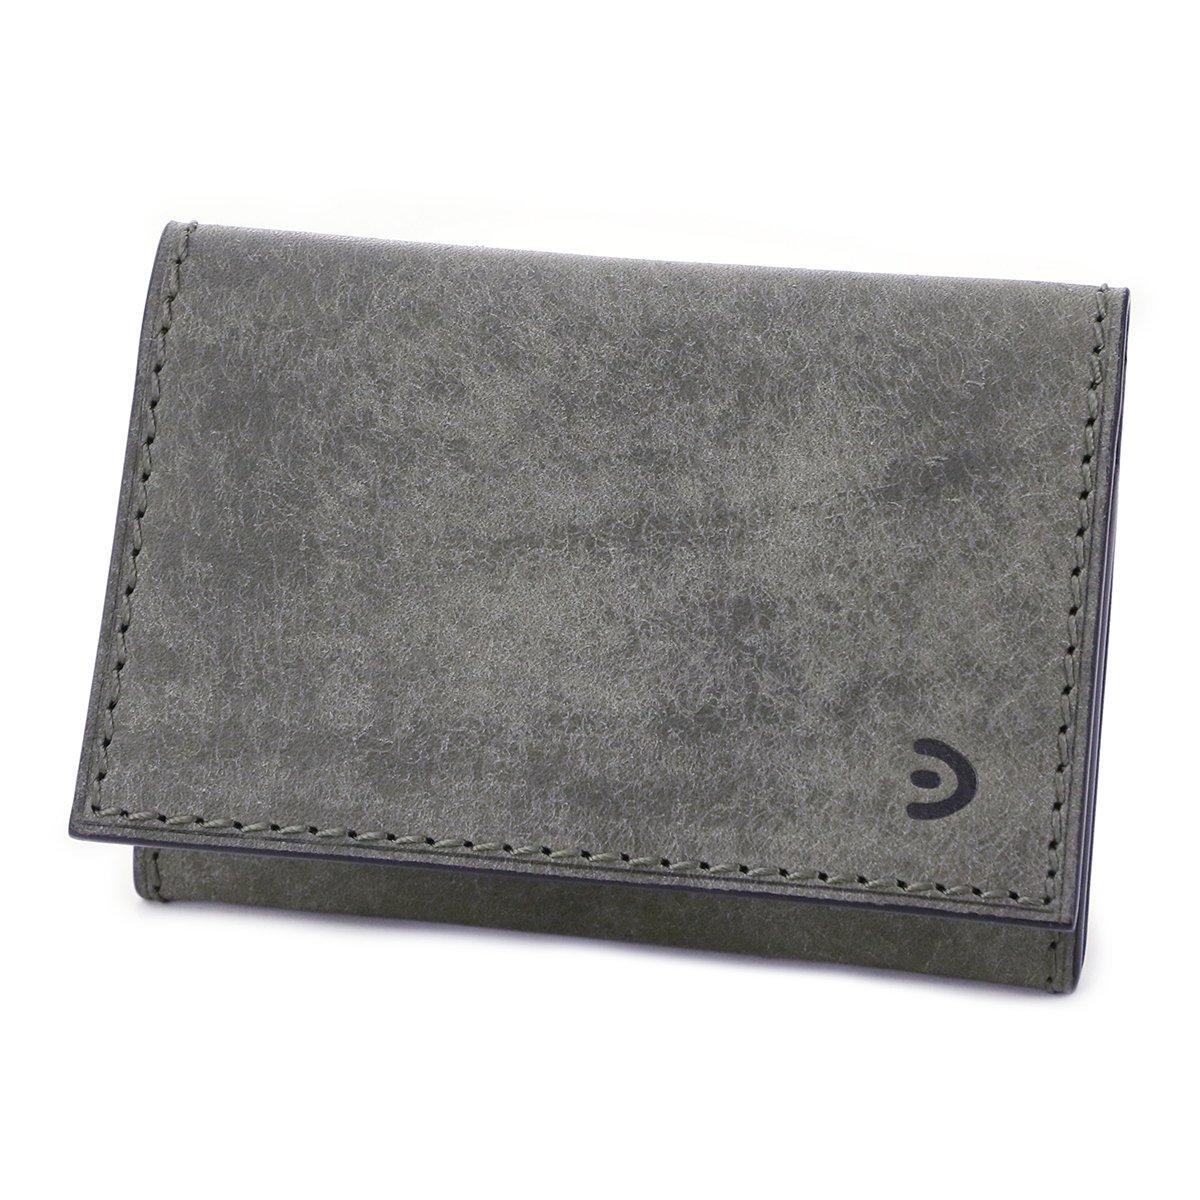 [バギーポート] カードケース 本革 ブオナ ZYS2404 メンズ B0792PVB39 グレー グレー